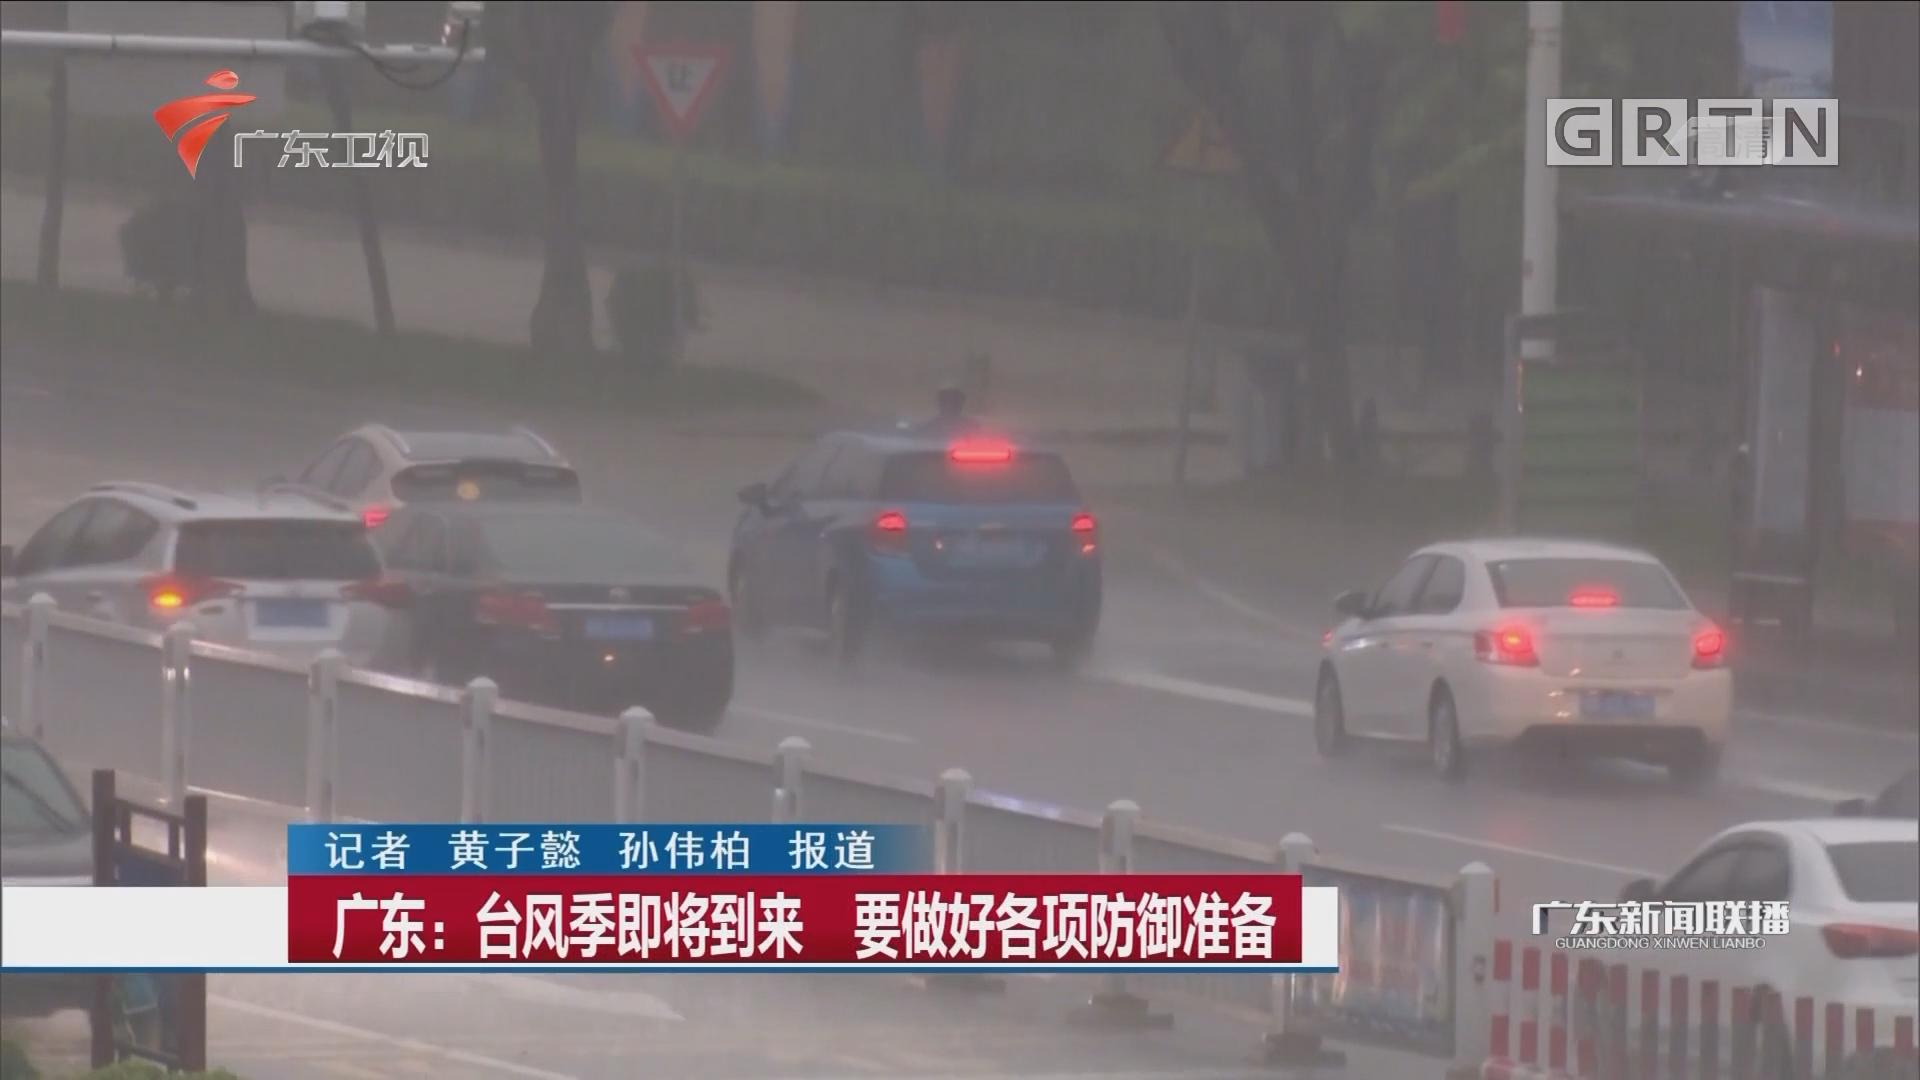 广东:台风季即将到来 要做好各项防御准备